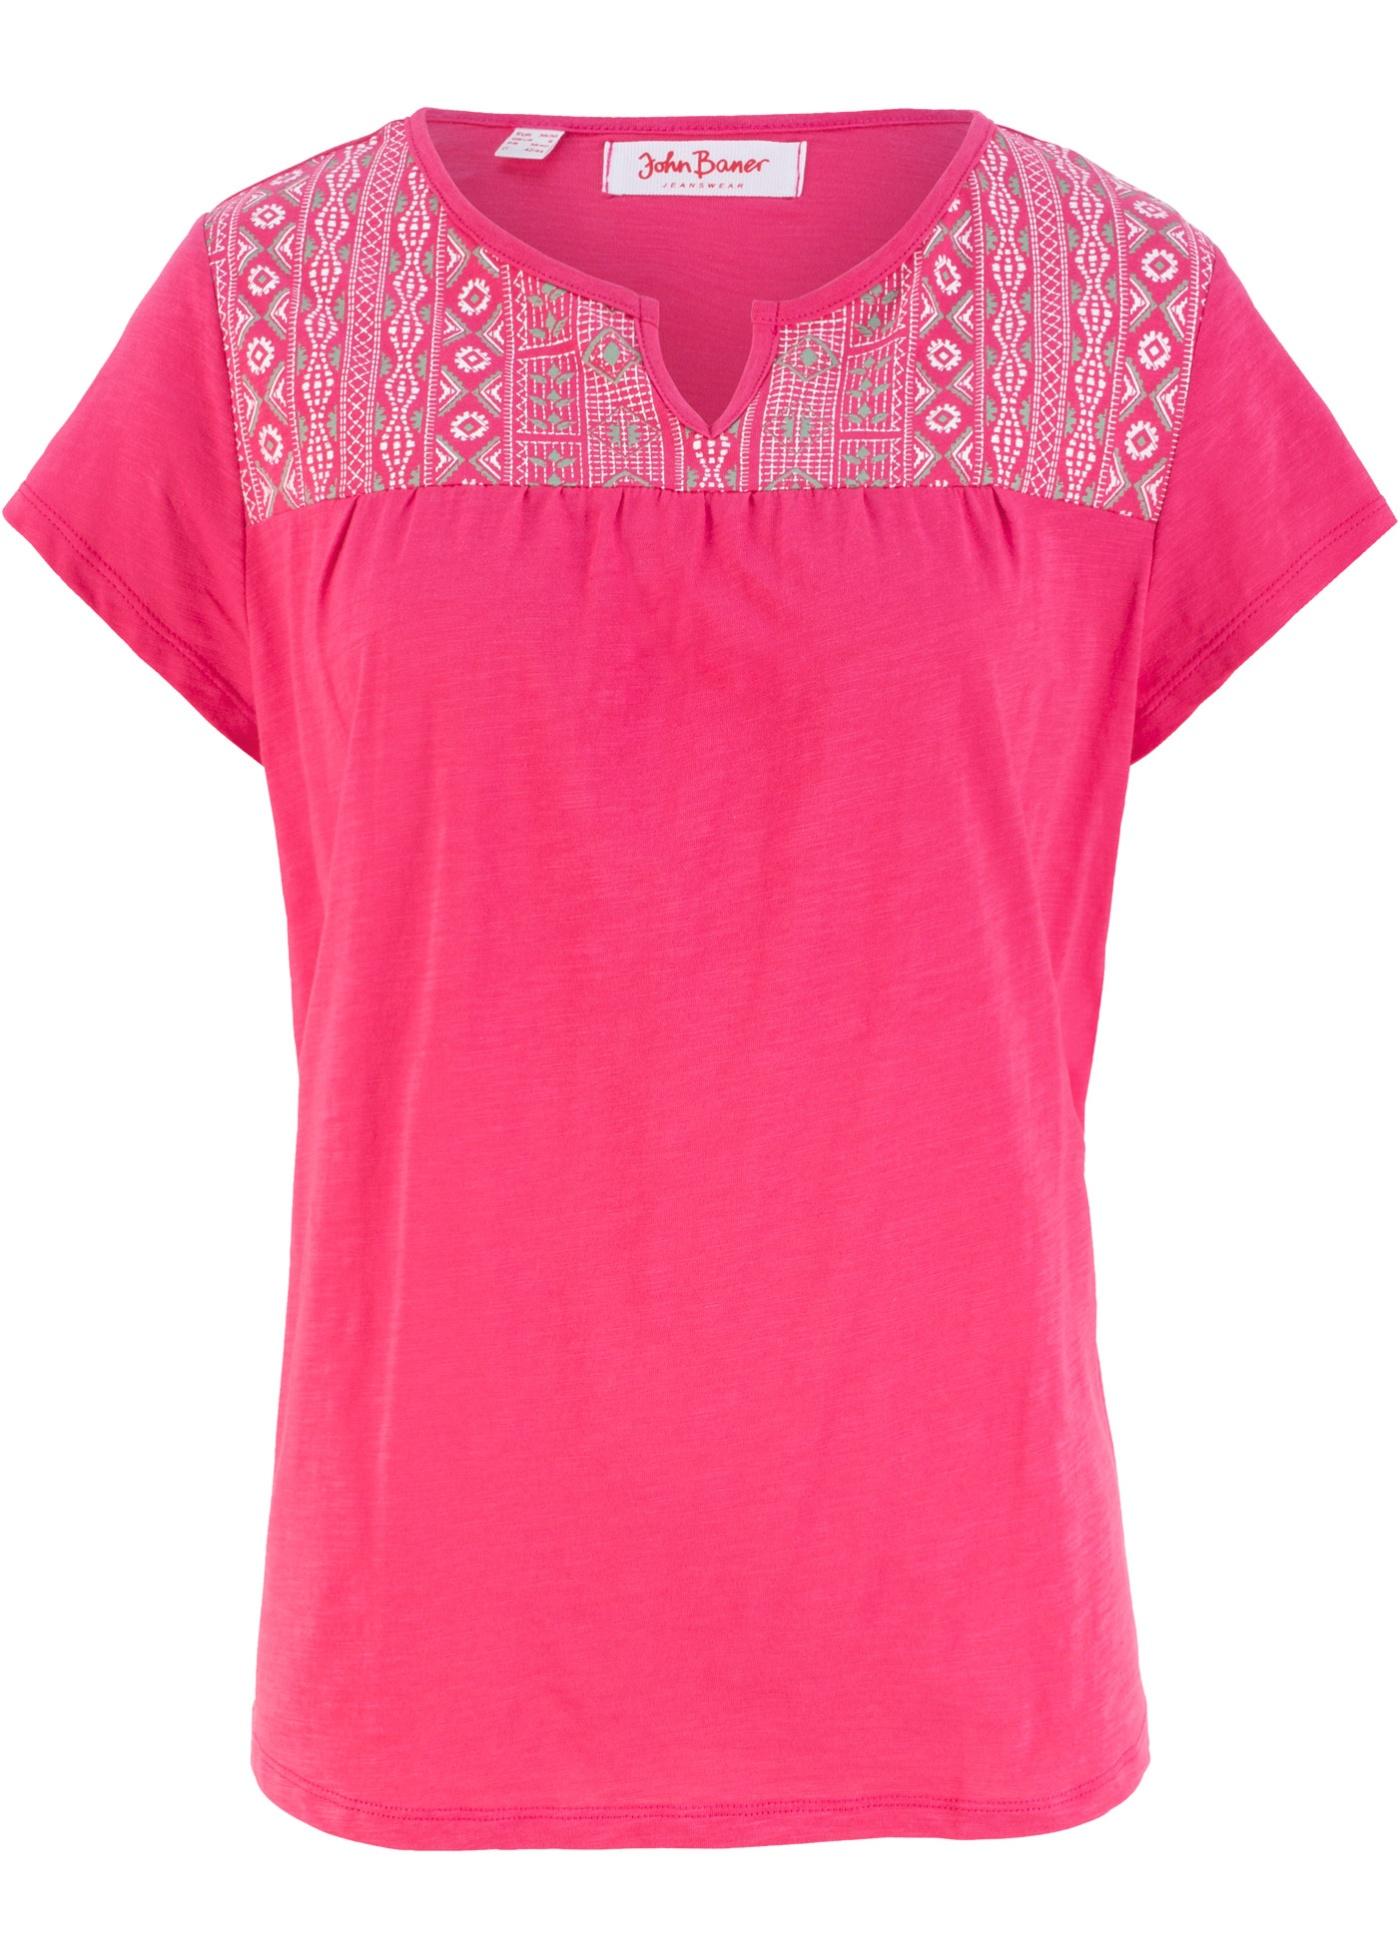 BonprixT John Baner ImpriméManches Fuchsia Pour shirt Coton Courtes Jeanswear Forme Trapèze Femme UzpSMVqG